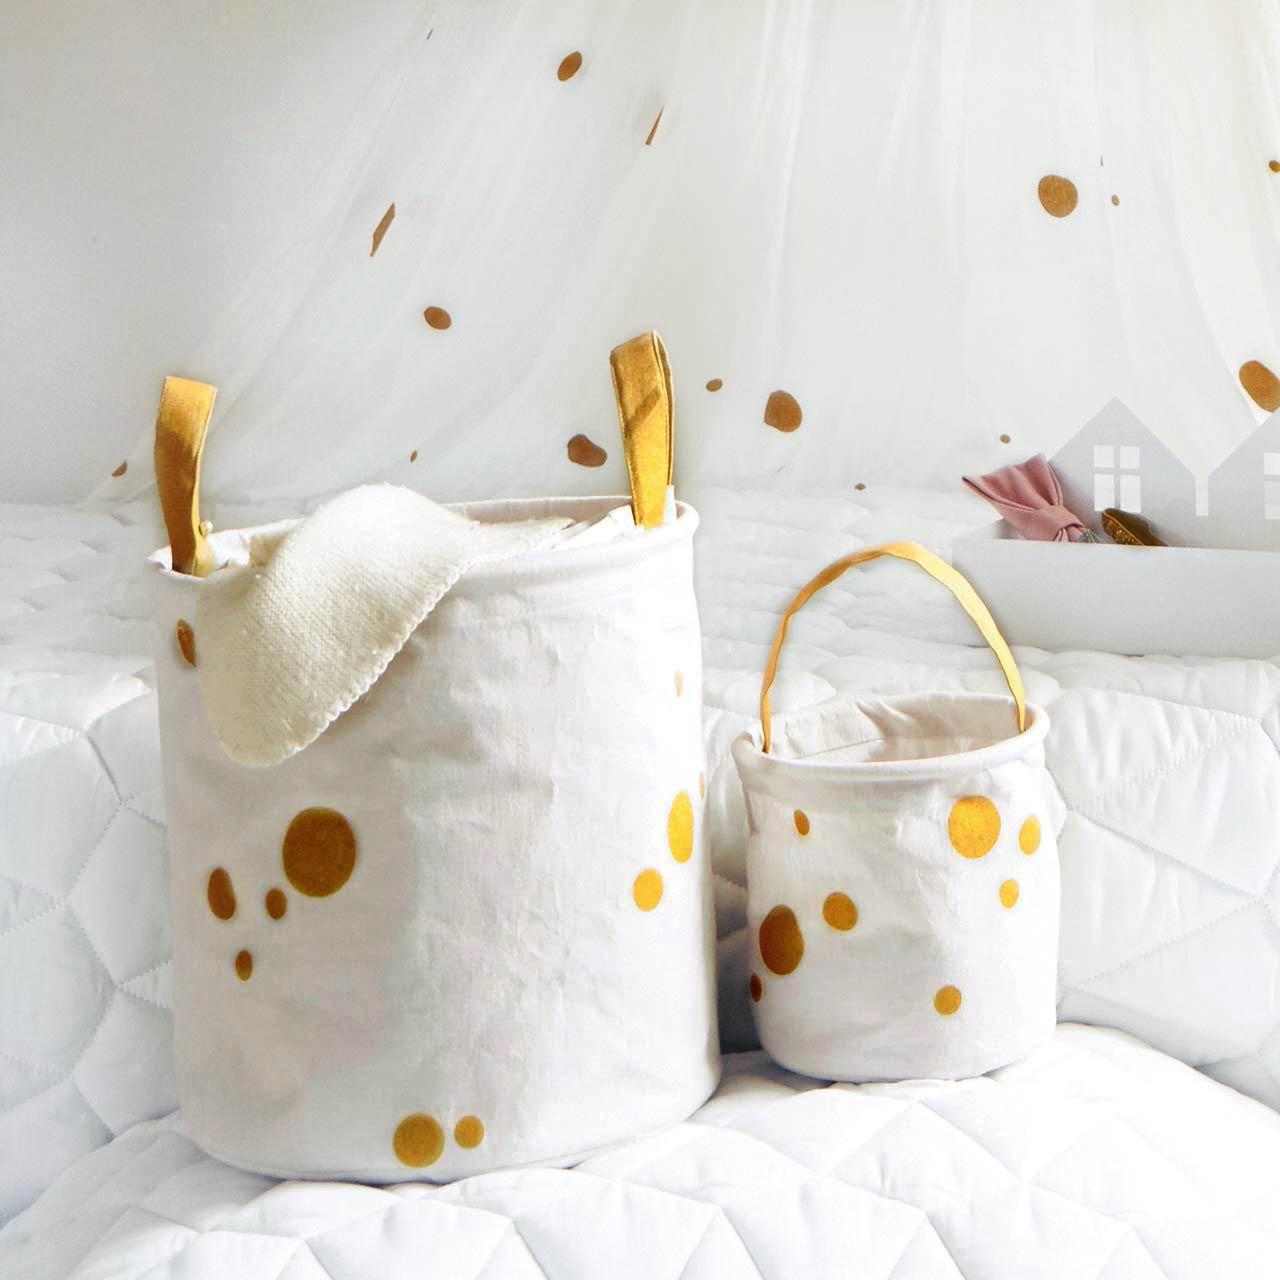 Full Size of Kinderzimmer Aufbewahrung Aufbewahrungskorb Roommate Regal Weiß Bett Mit Aufbewahrungsbehälter Küche Betten Regale Aufbewahrungssystem Aufbewahrungsbox Kinderzimmer Kinderzimmer Aufbewahrung